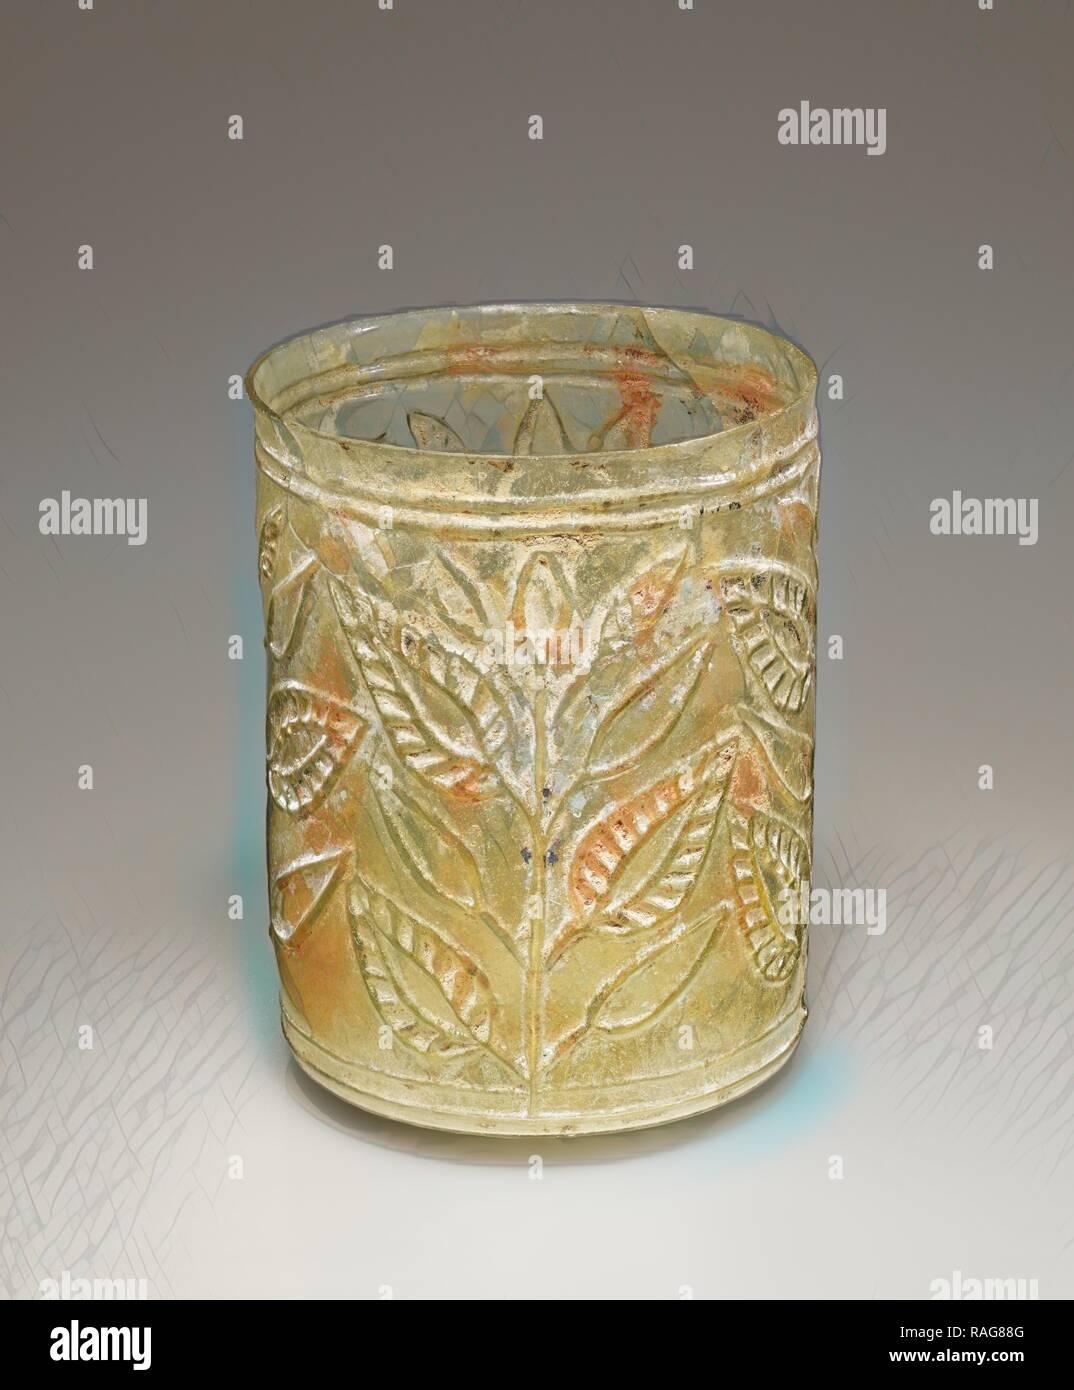 Bécher en feuilles, de l'Est de la Méditerranée, l'Empire romain, 1er siècle, verre, 7,3 × 6,4 cm (2 × 7,8 2 1,2 in.). Repensé Photo Stock